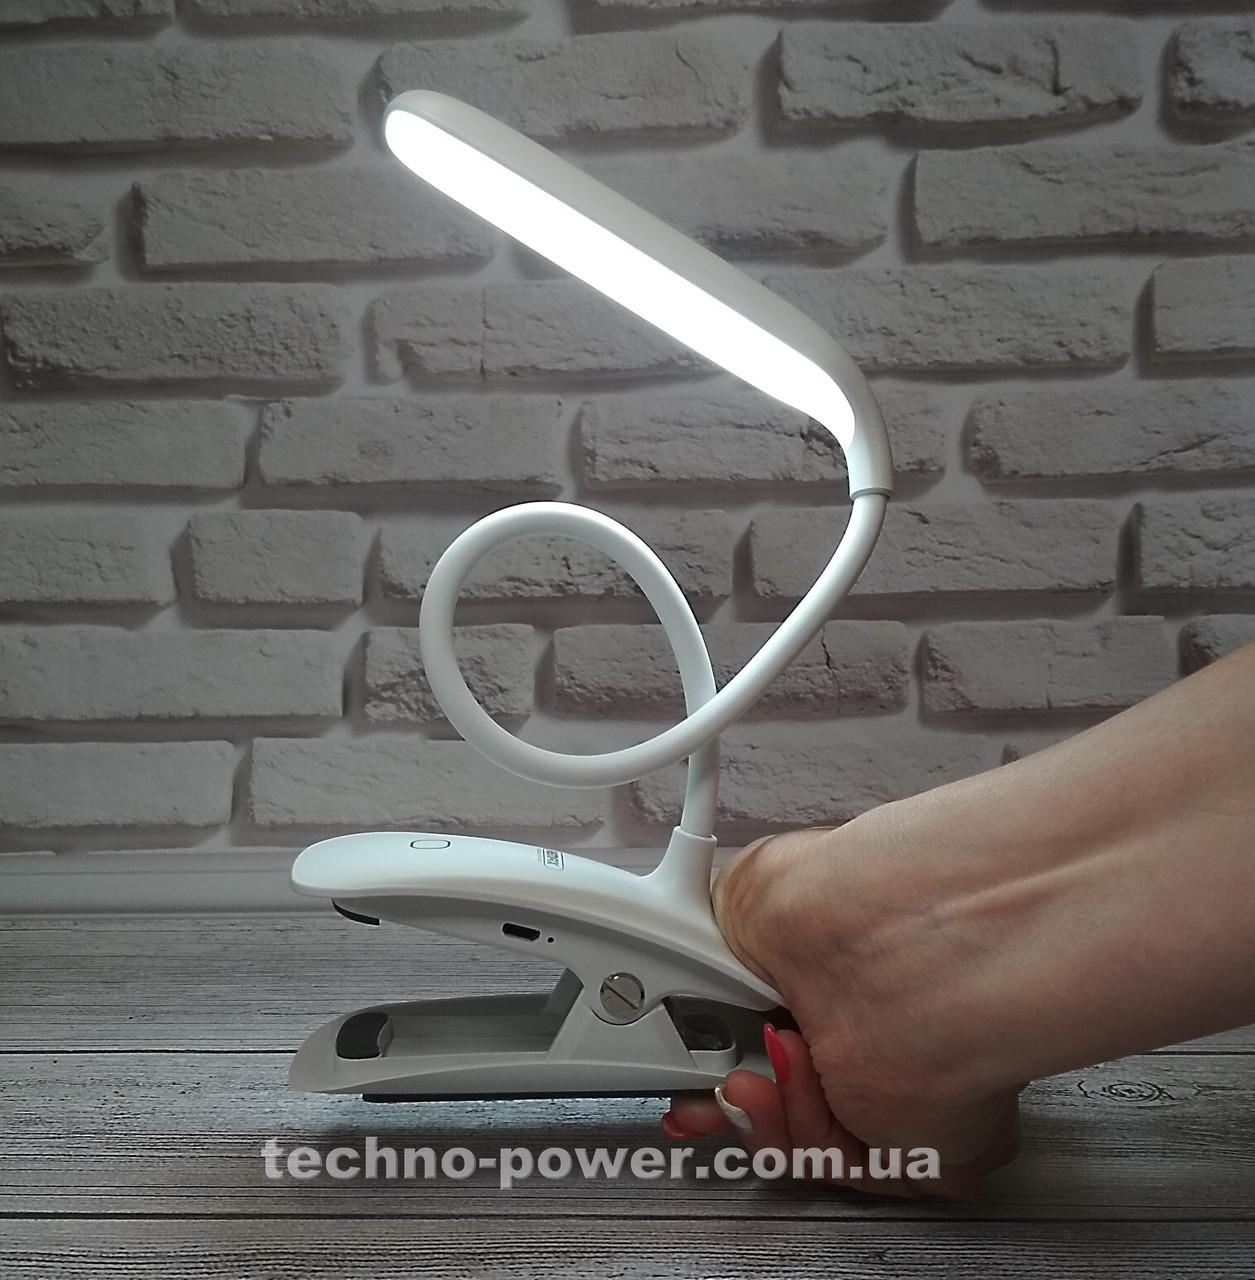 Настольная лампа-прищепка Remax RT-E195 Dawn LED Lamp с аккумулятором